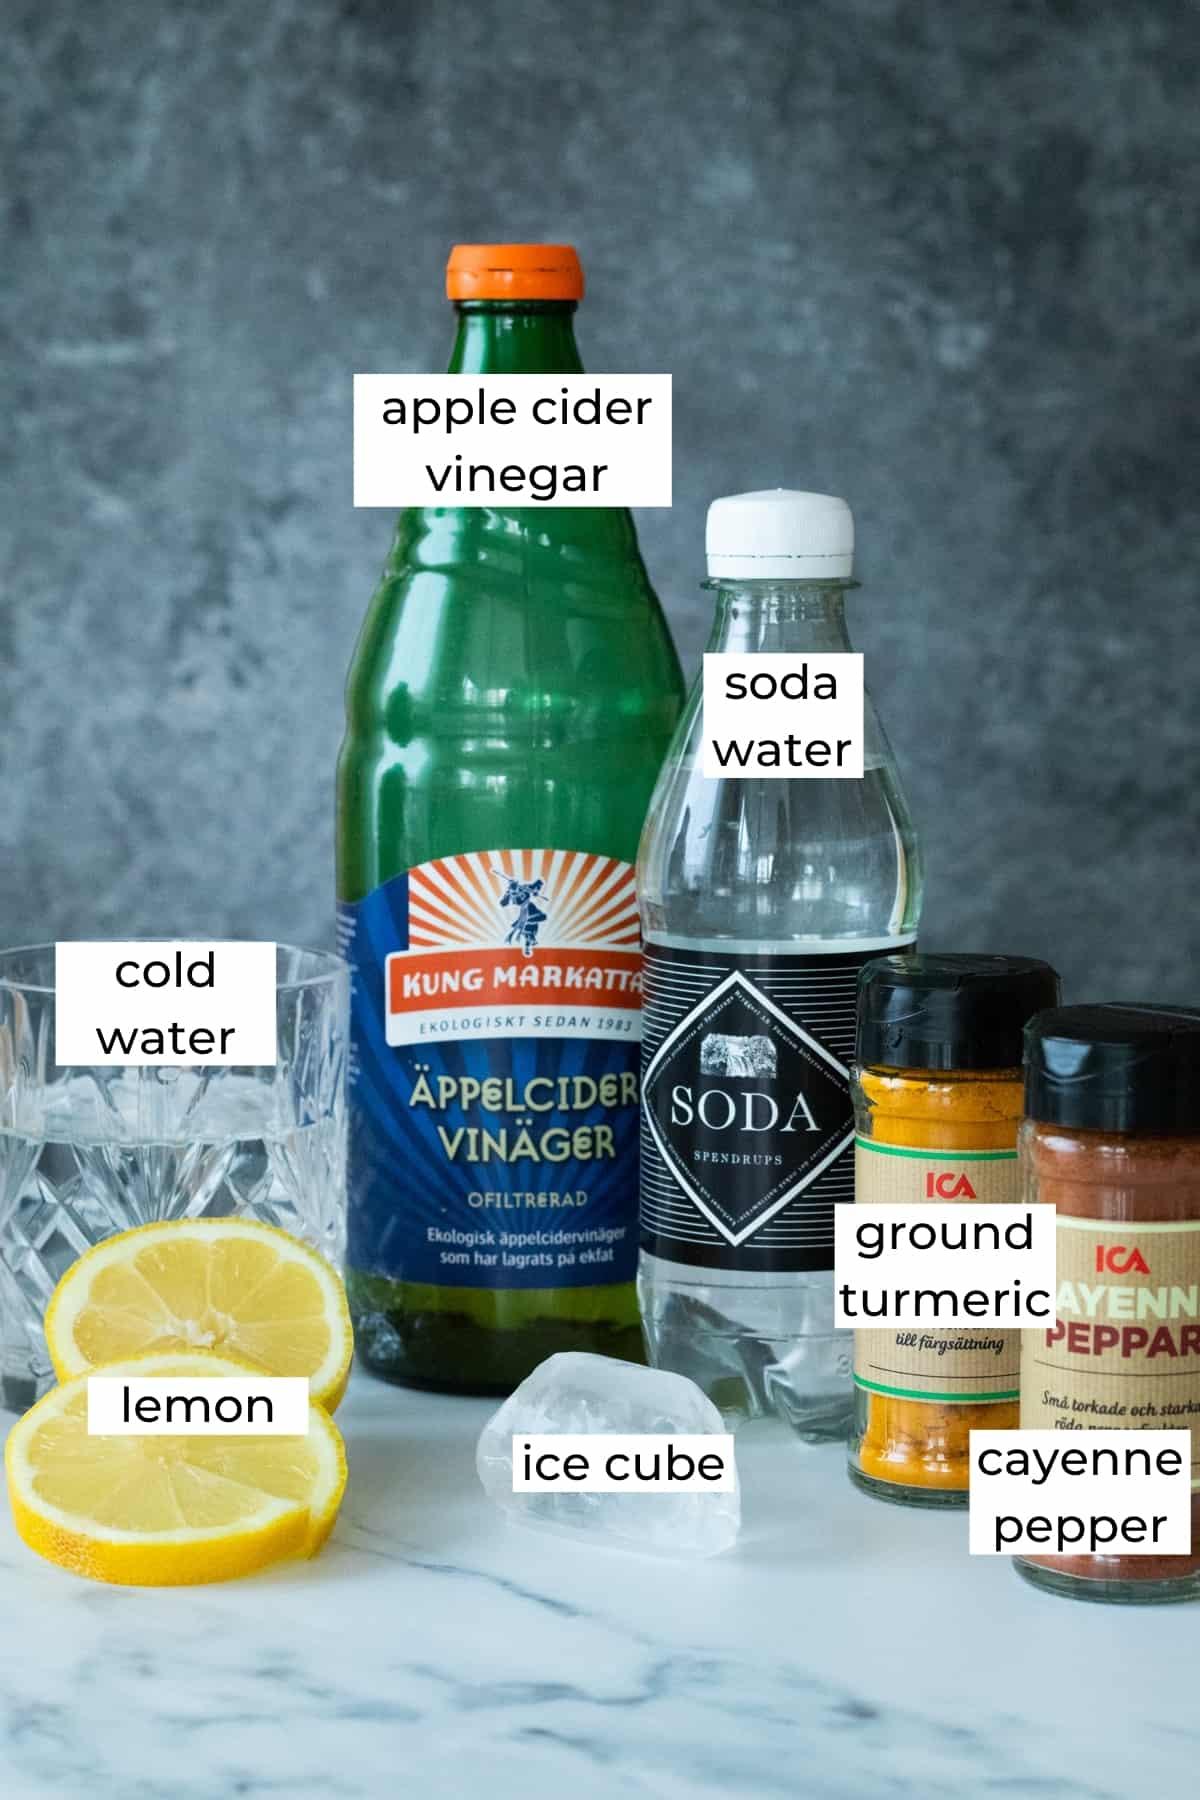 ingredients for apple cider vinegar tonic